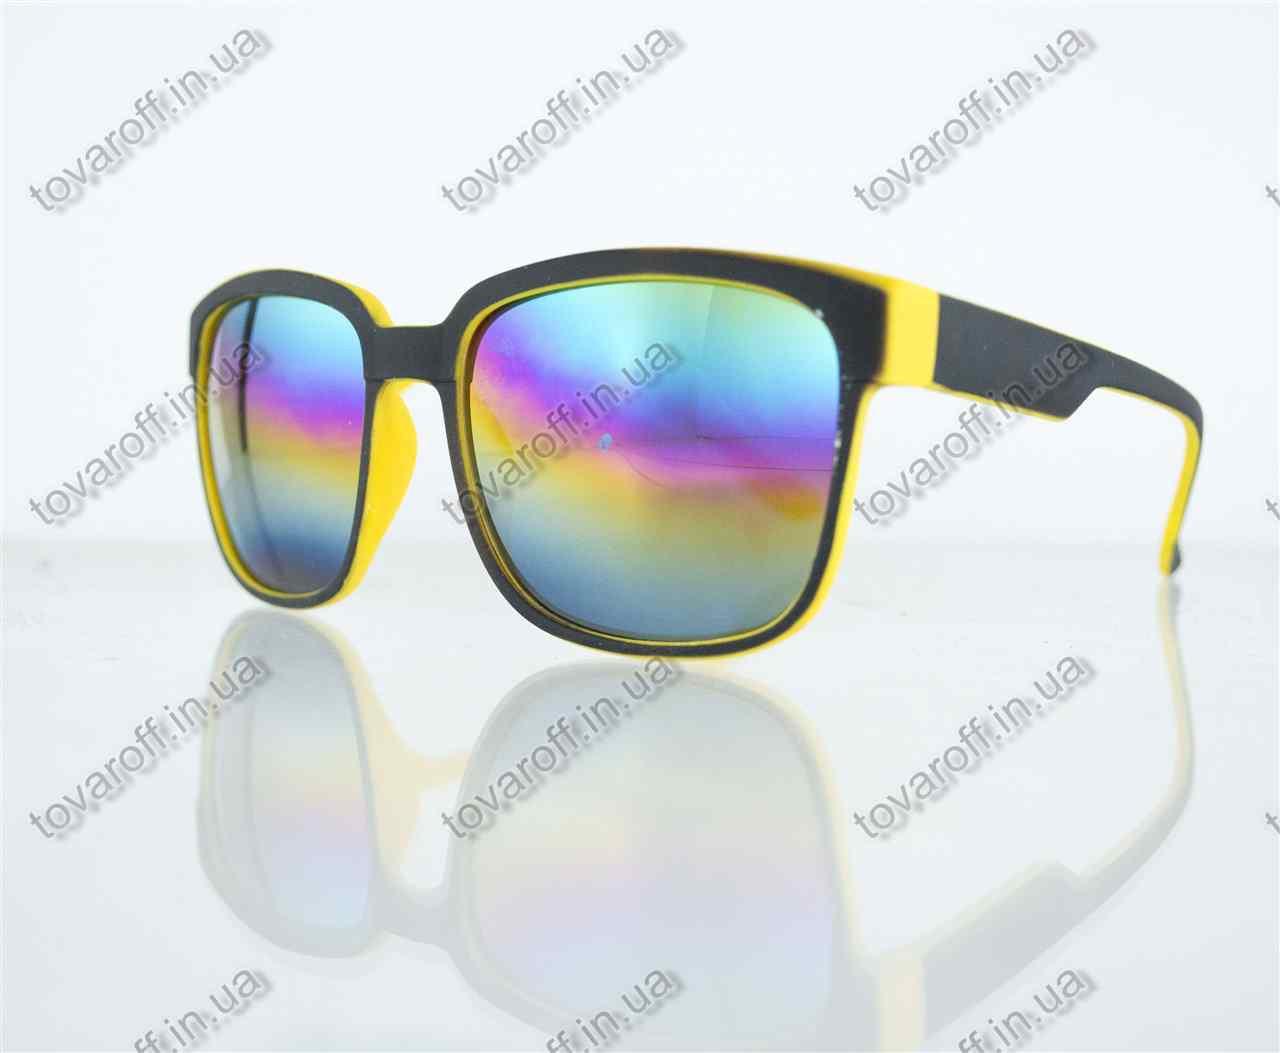 Оптом очки унисекс солнцезащитные Вайфарер (Wayfarer) с зеркальными линзами - Черно-желтые - 2104